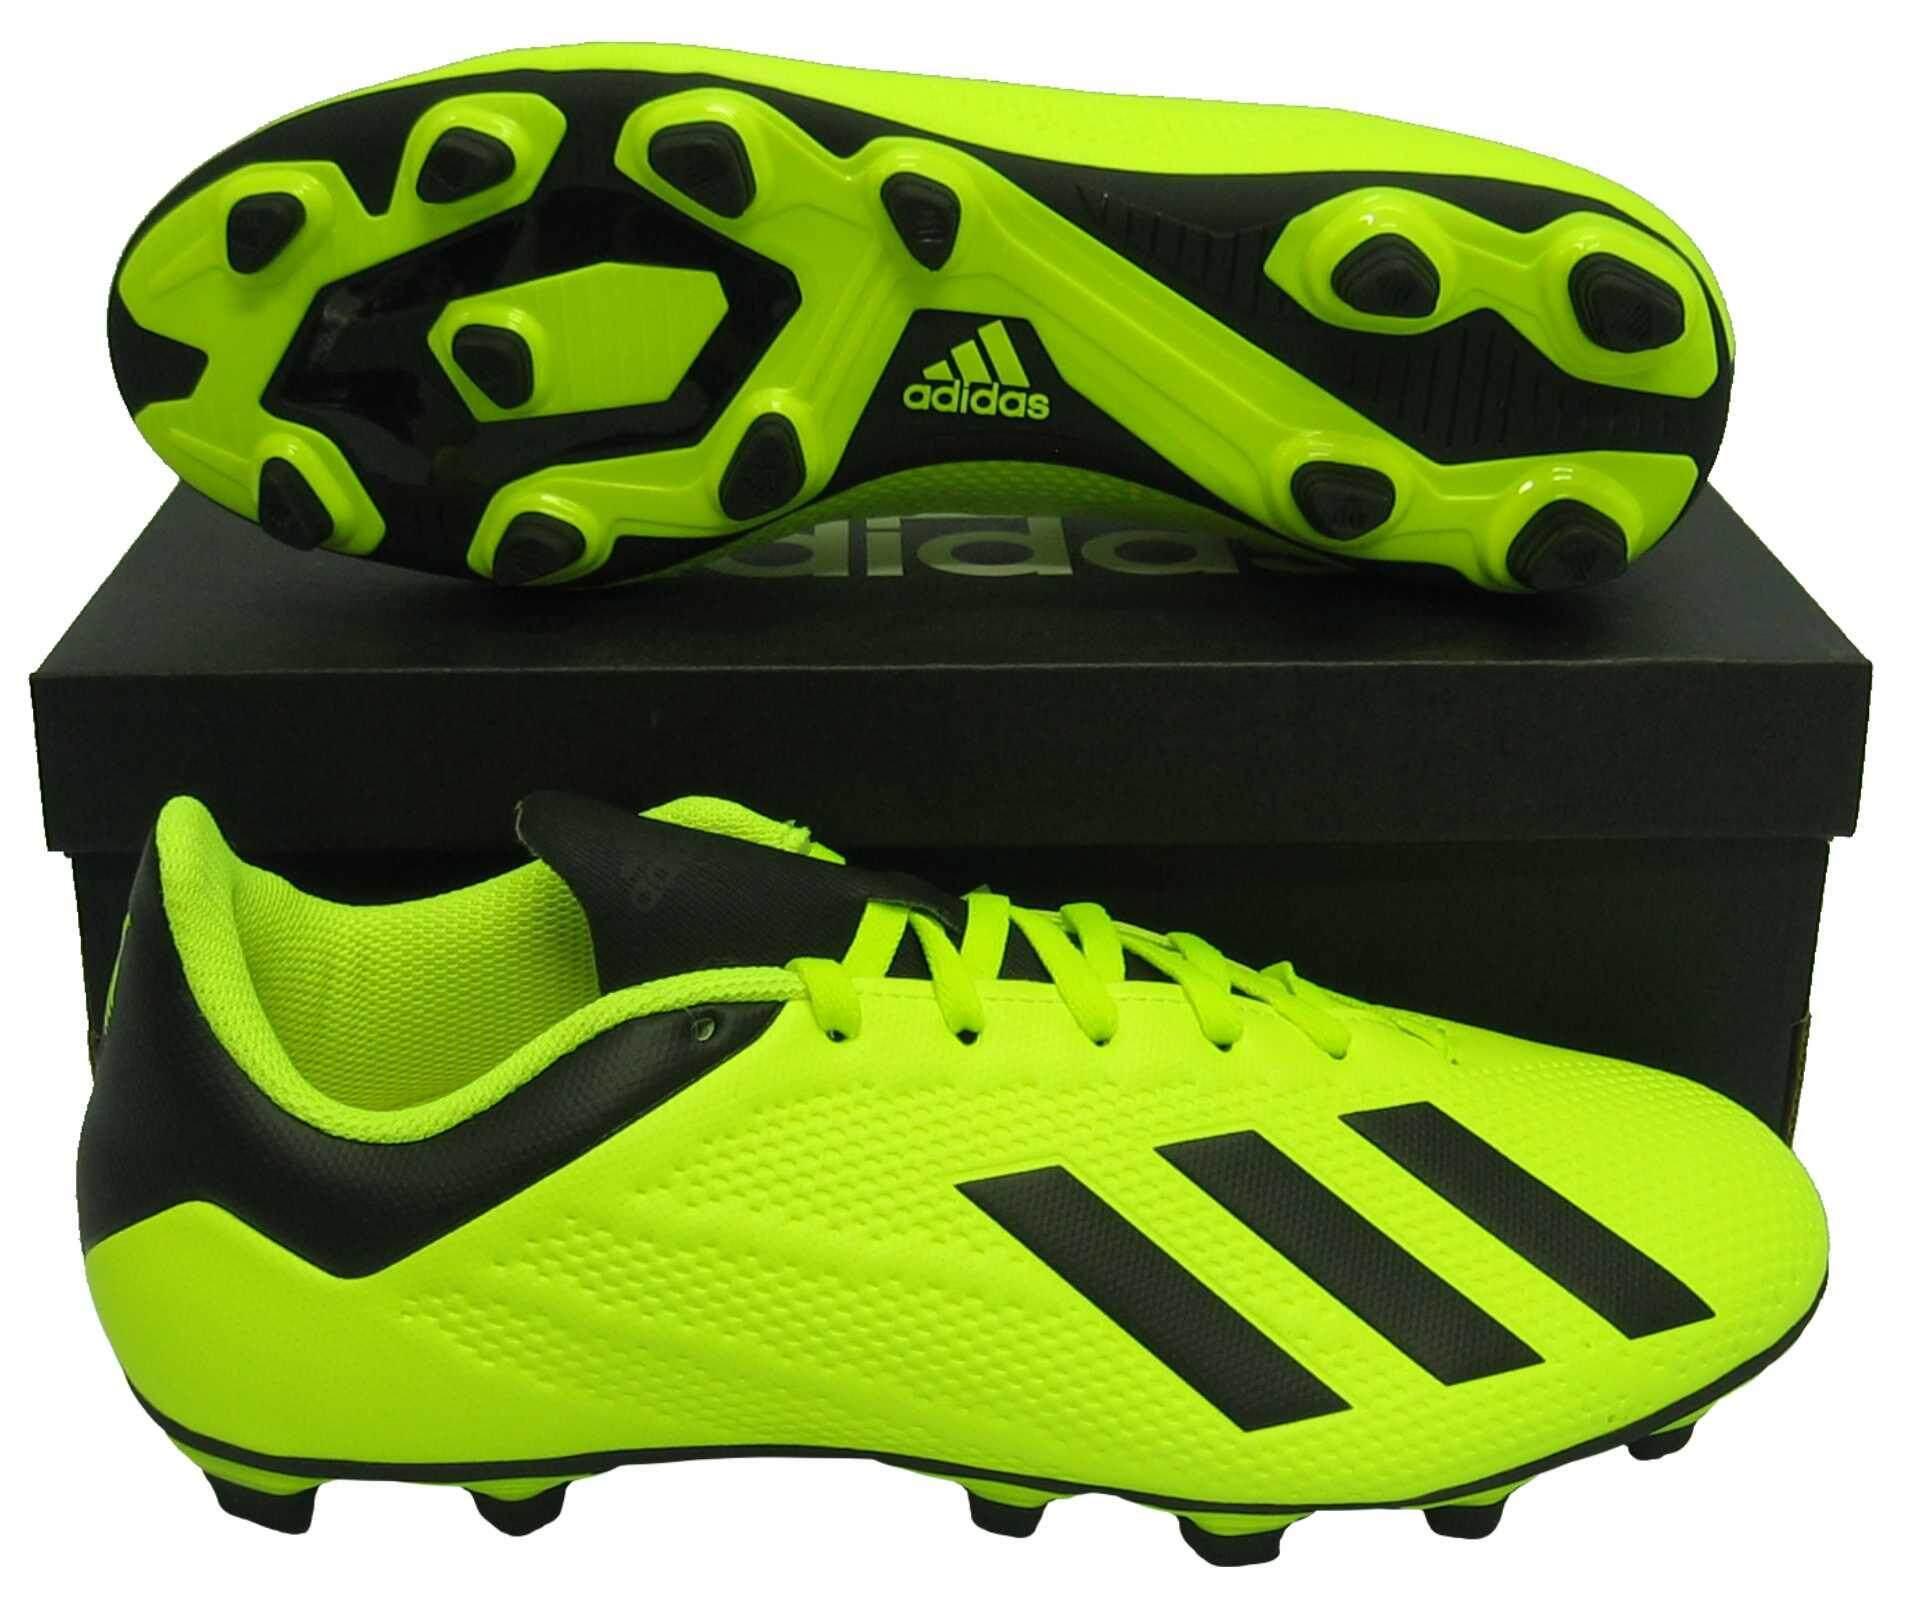 3b2a95a1e4c5 รองเท้าฟุตบอลผู้ชาย – มาช้อปกัน.คอม